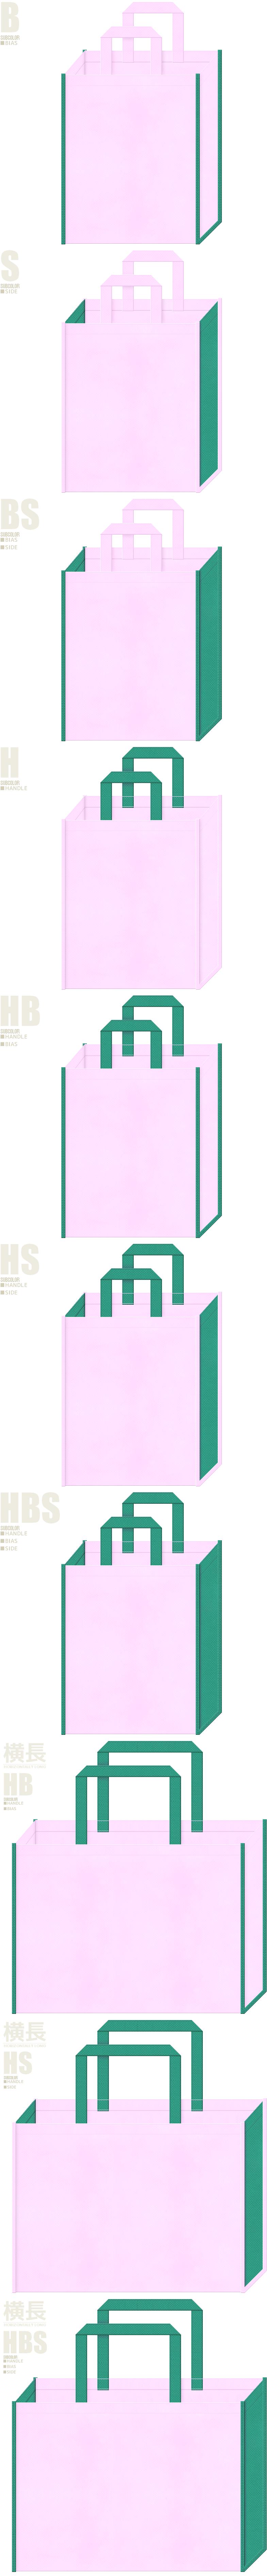 シャンプー・石鹸・洗剤・入浴剤・バス用品・お掃除用品・家庭用品の展示会用バッグにお奨めの不織布バッグのデザイン:パステルピンク色と青緑色の配色7パターン。